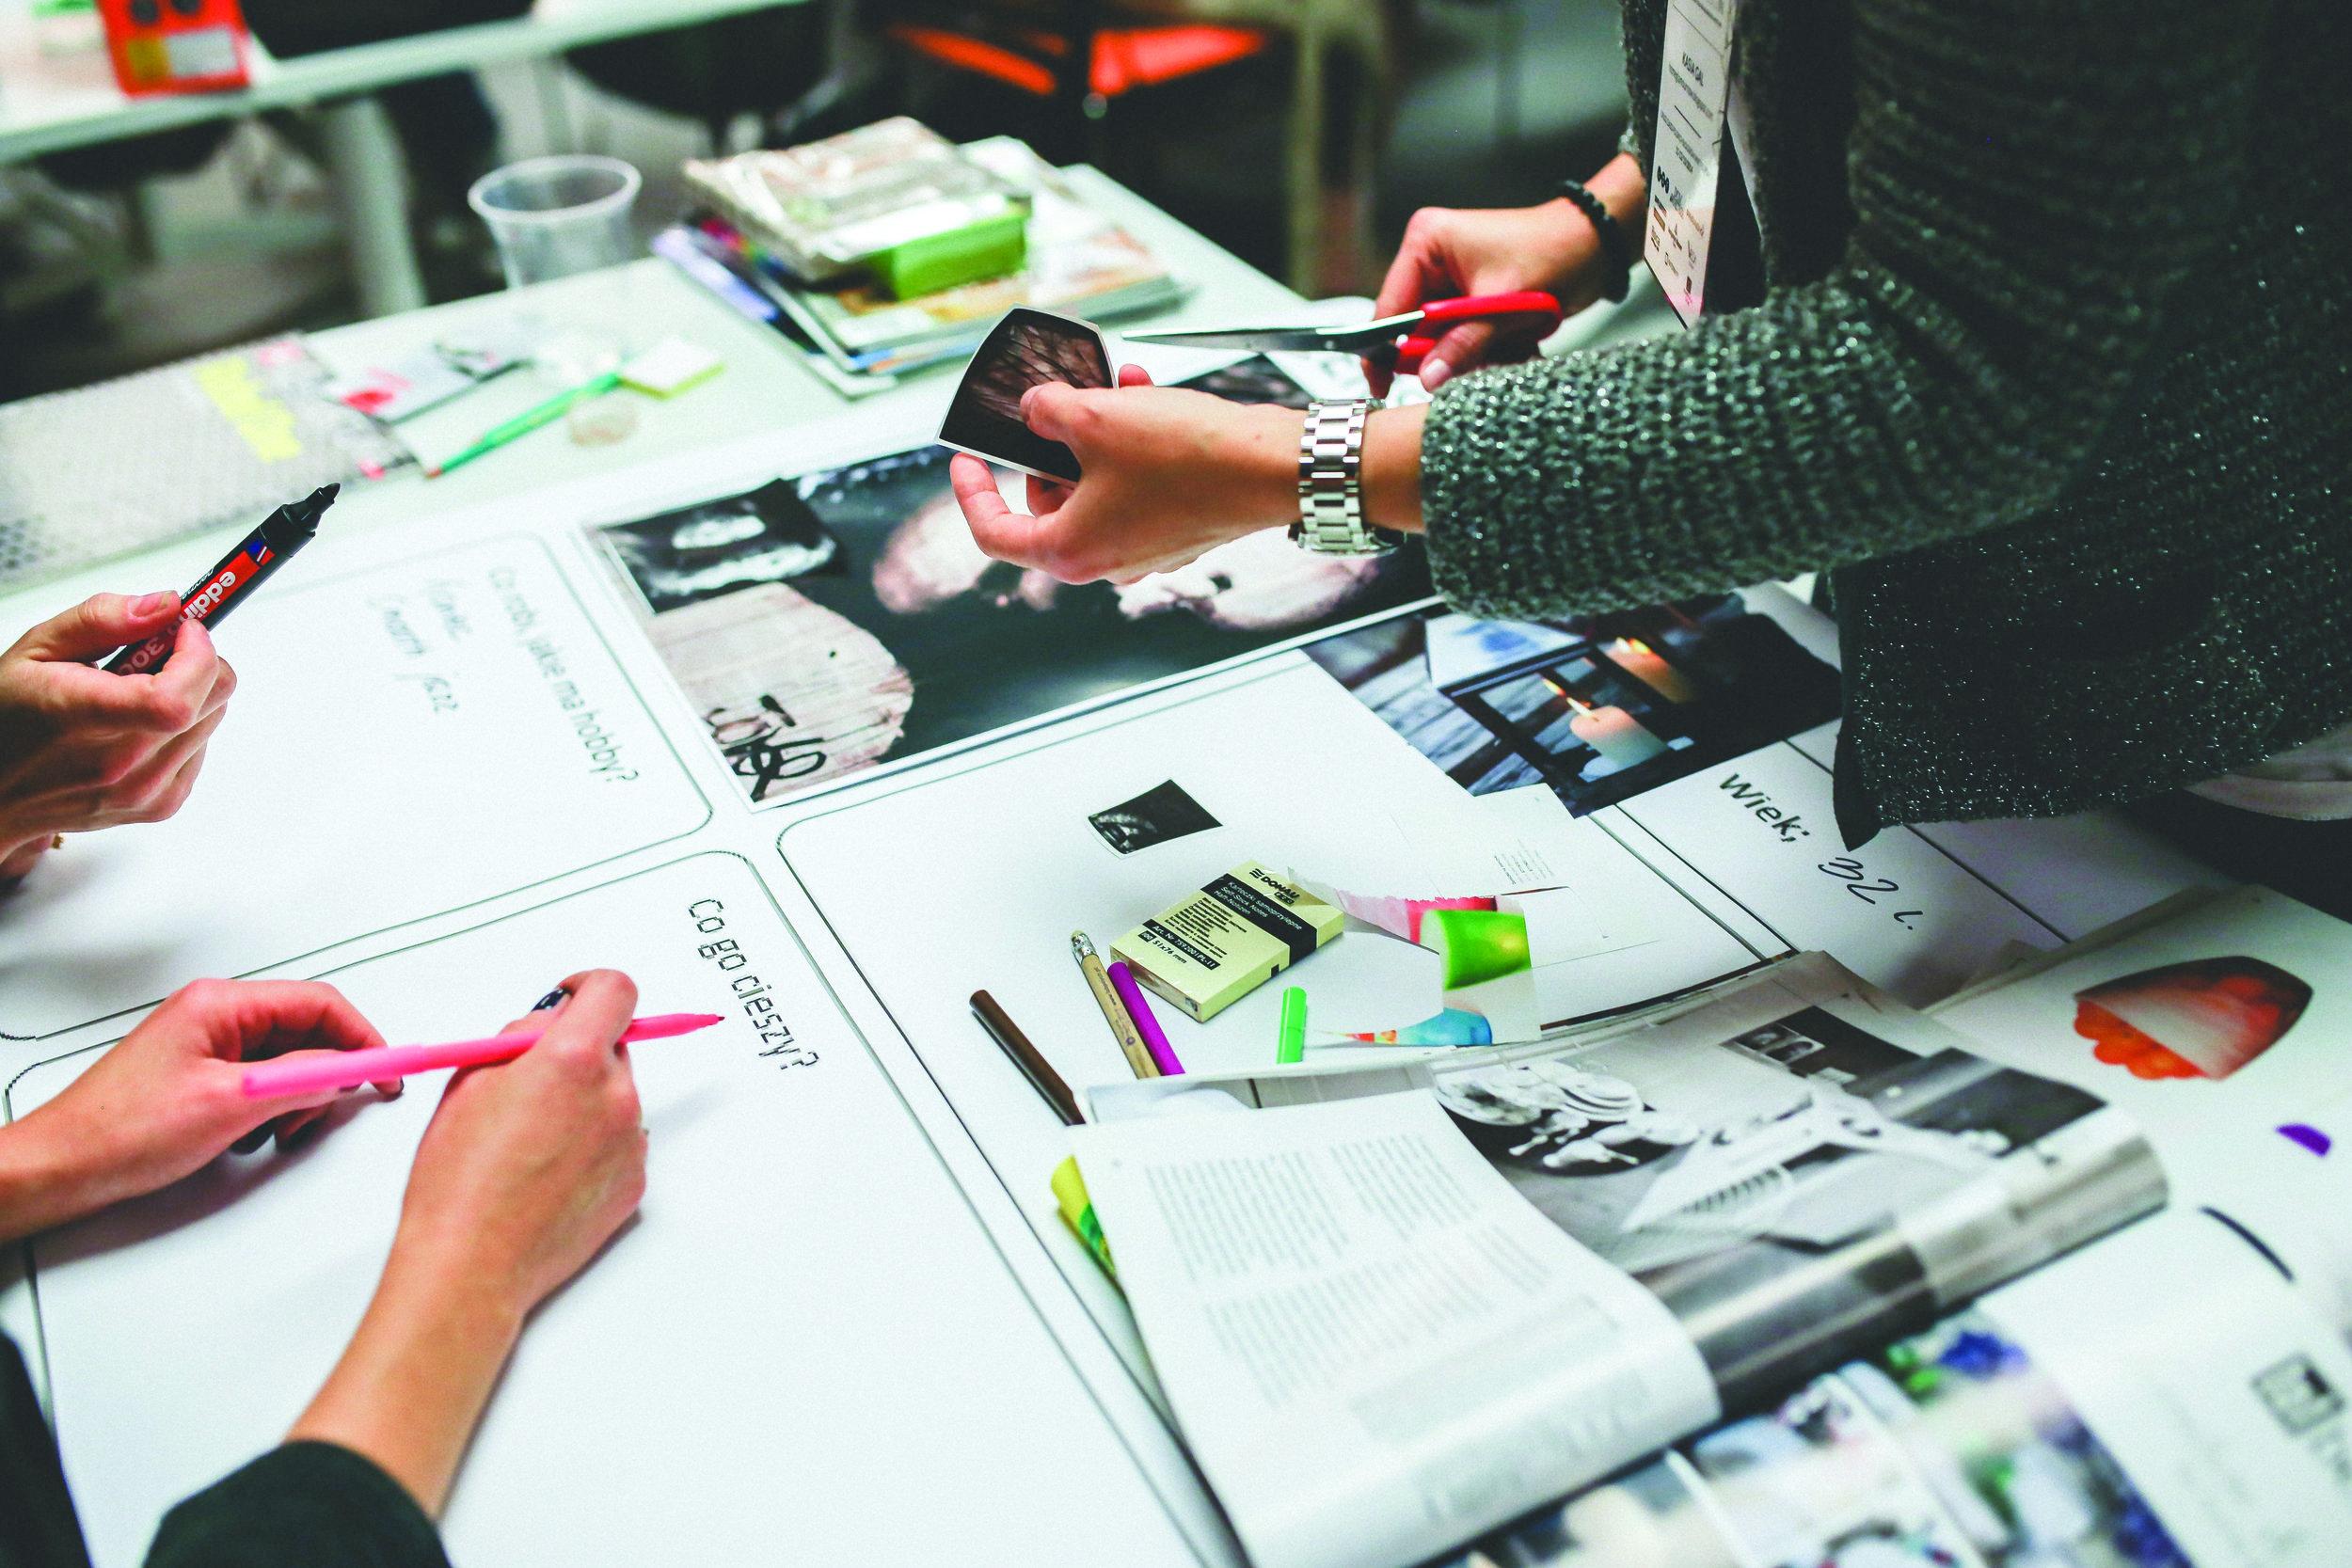 collaborate-collaboration-company-6224.jpg